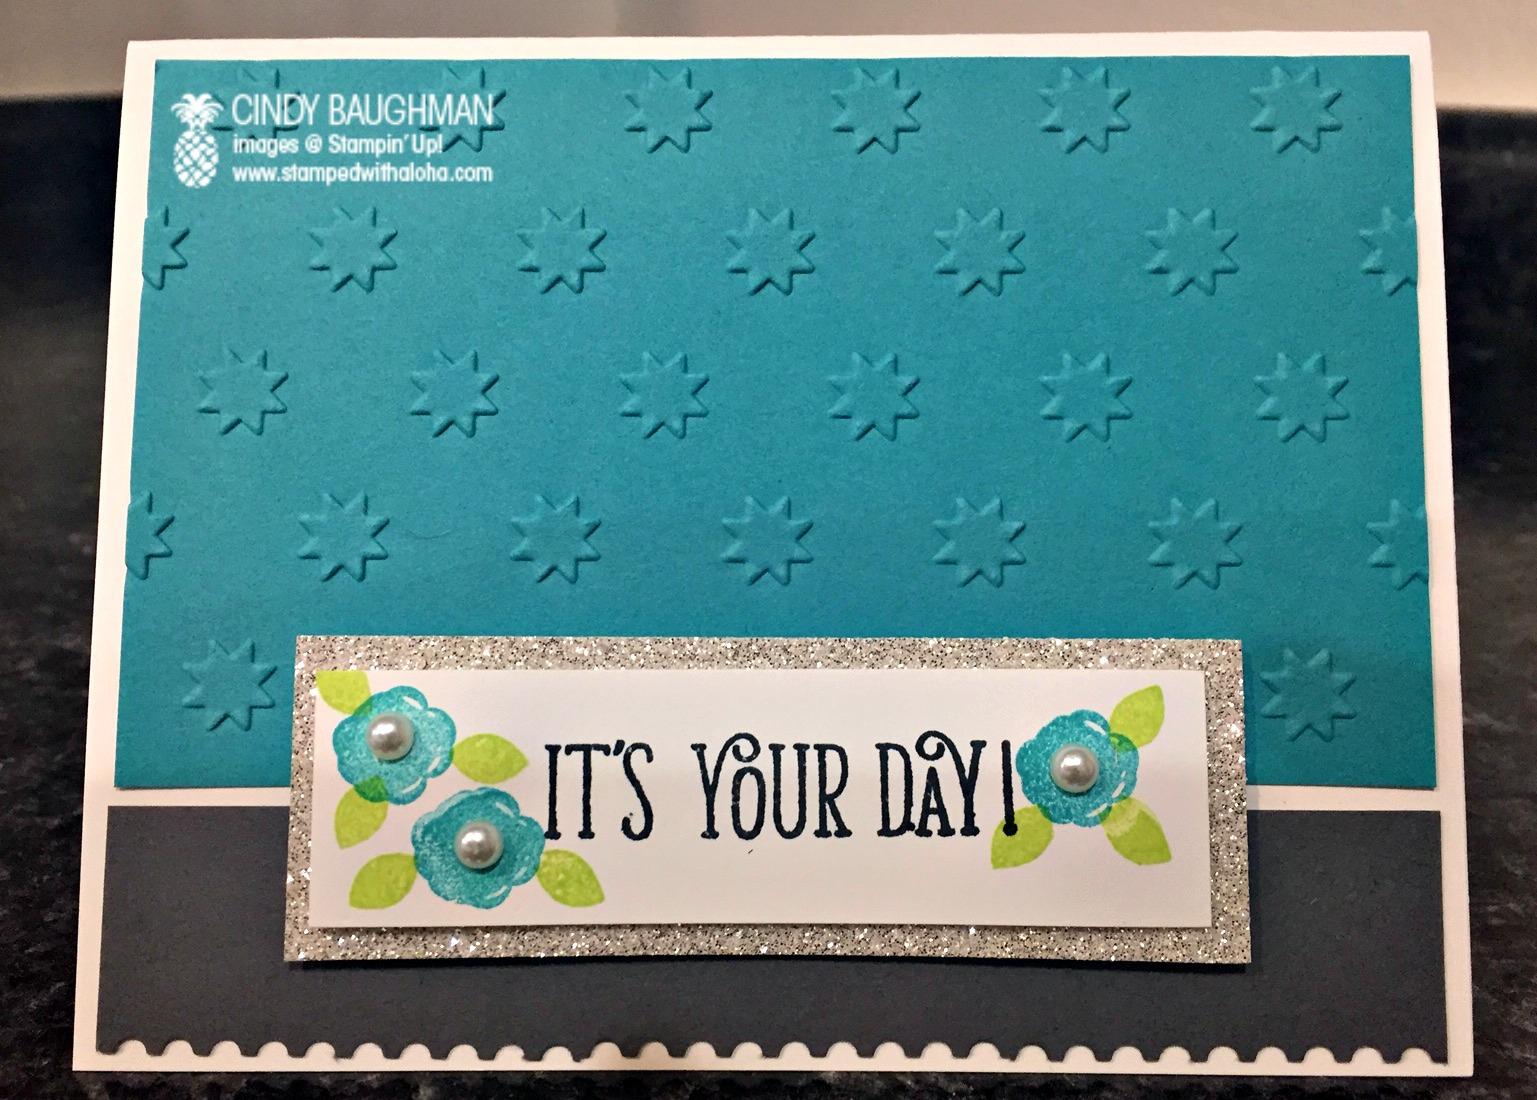 Happy Birthday Gorgeous Card - www.stampedwithaloha.com